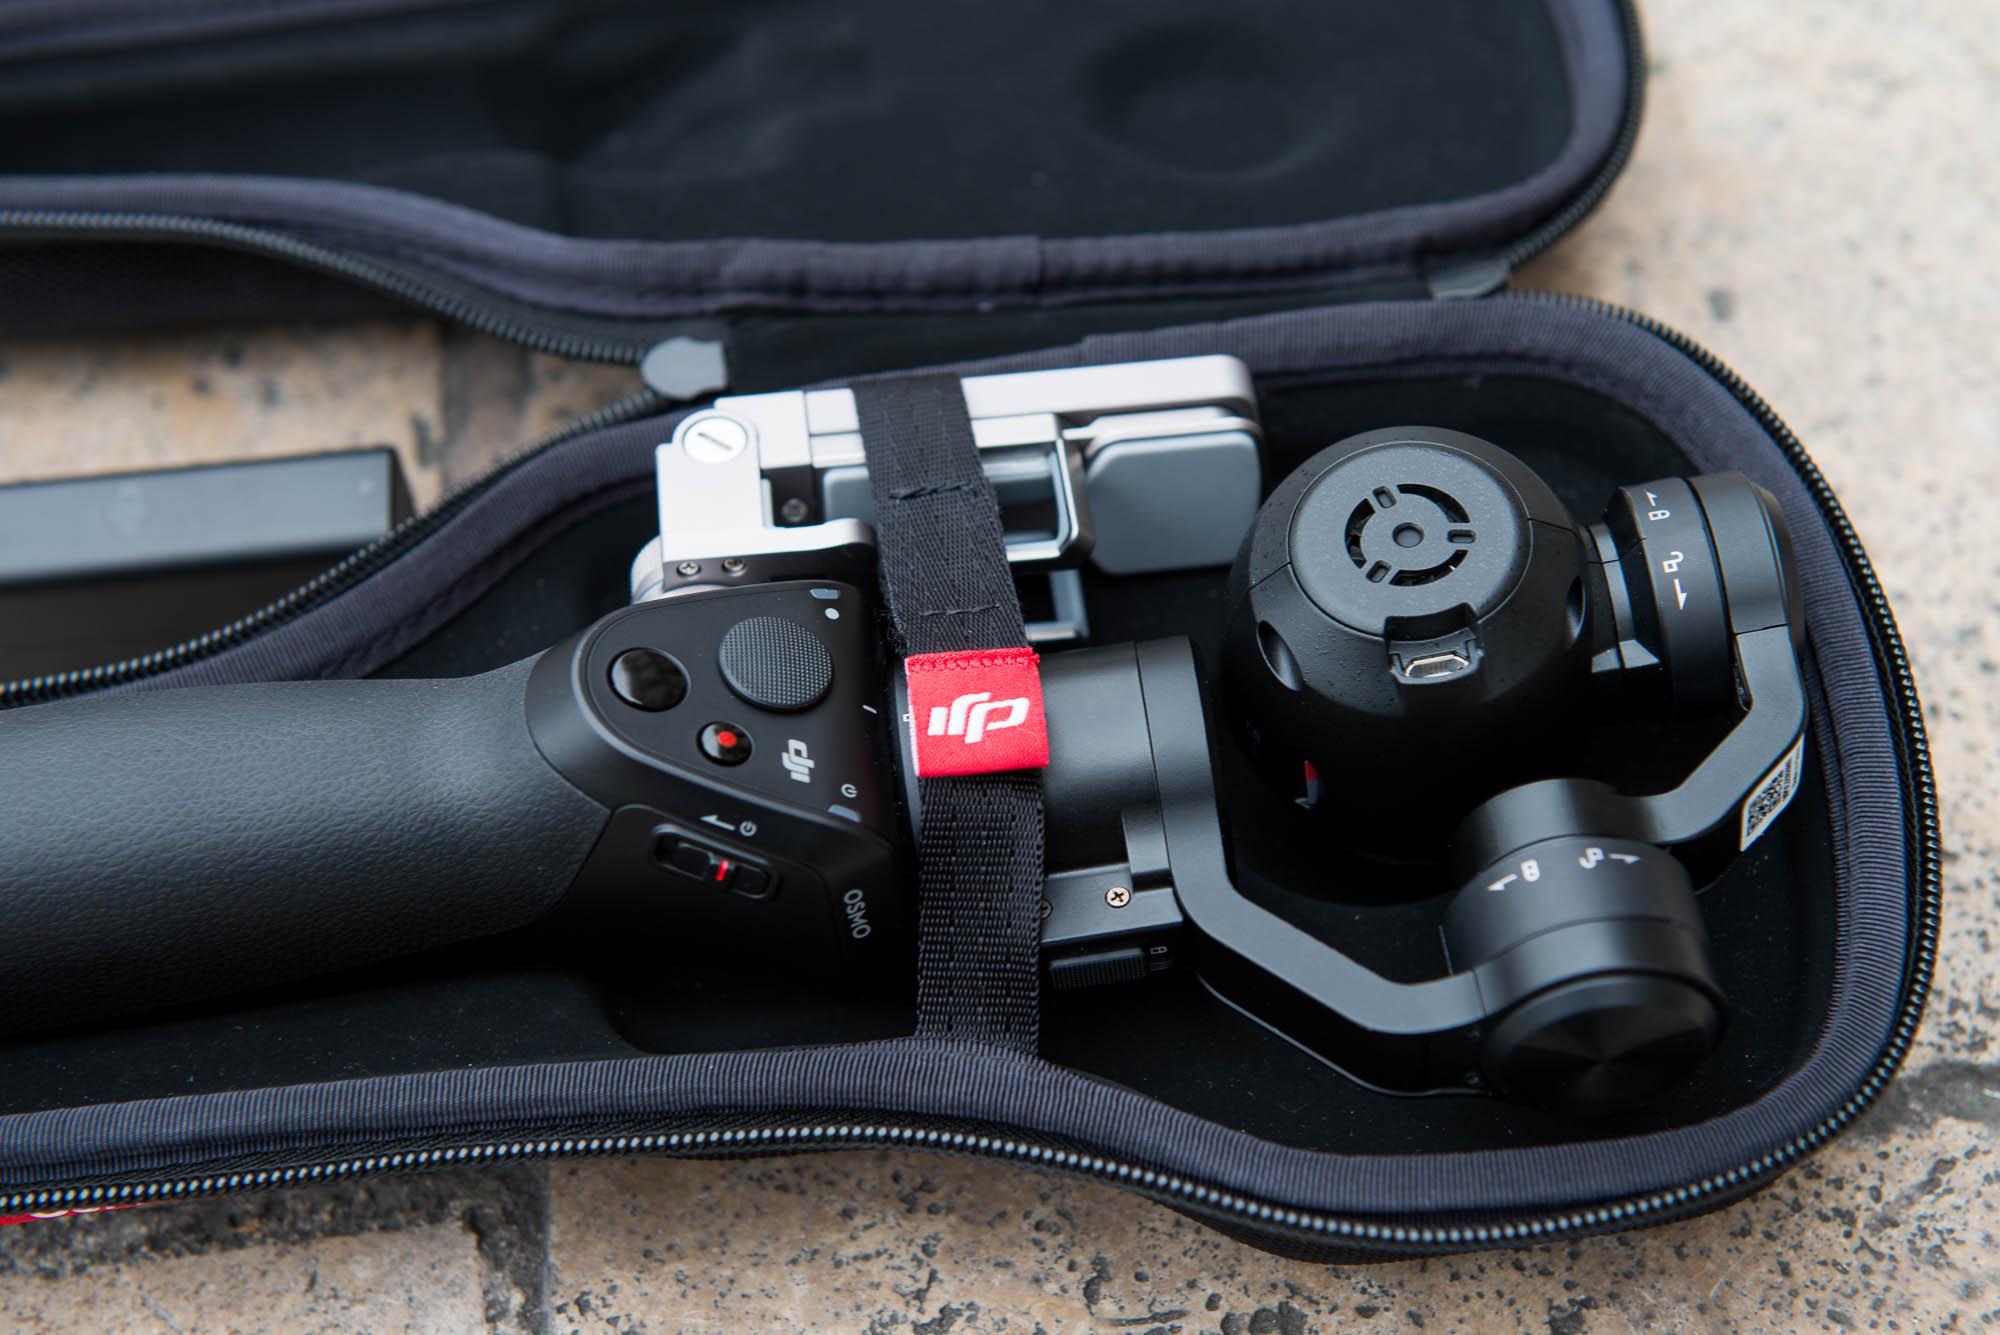 7c9b34799881 Test DJI Osmo, caméra stabilisée portable 4K